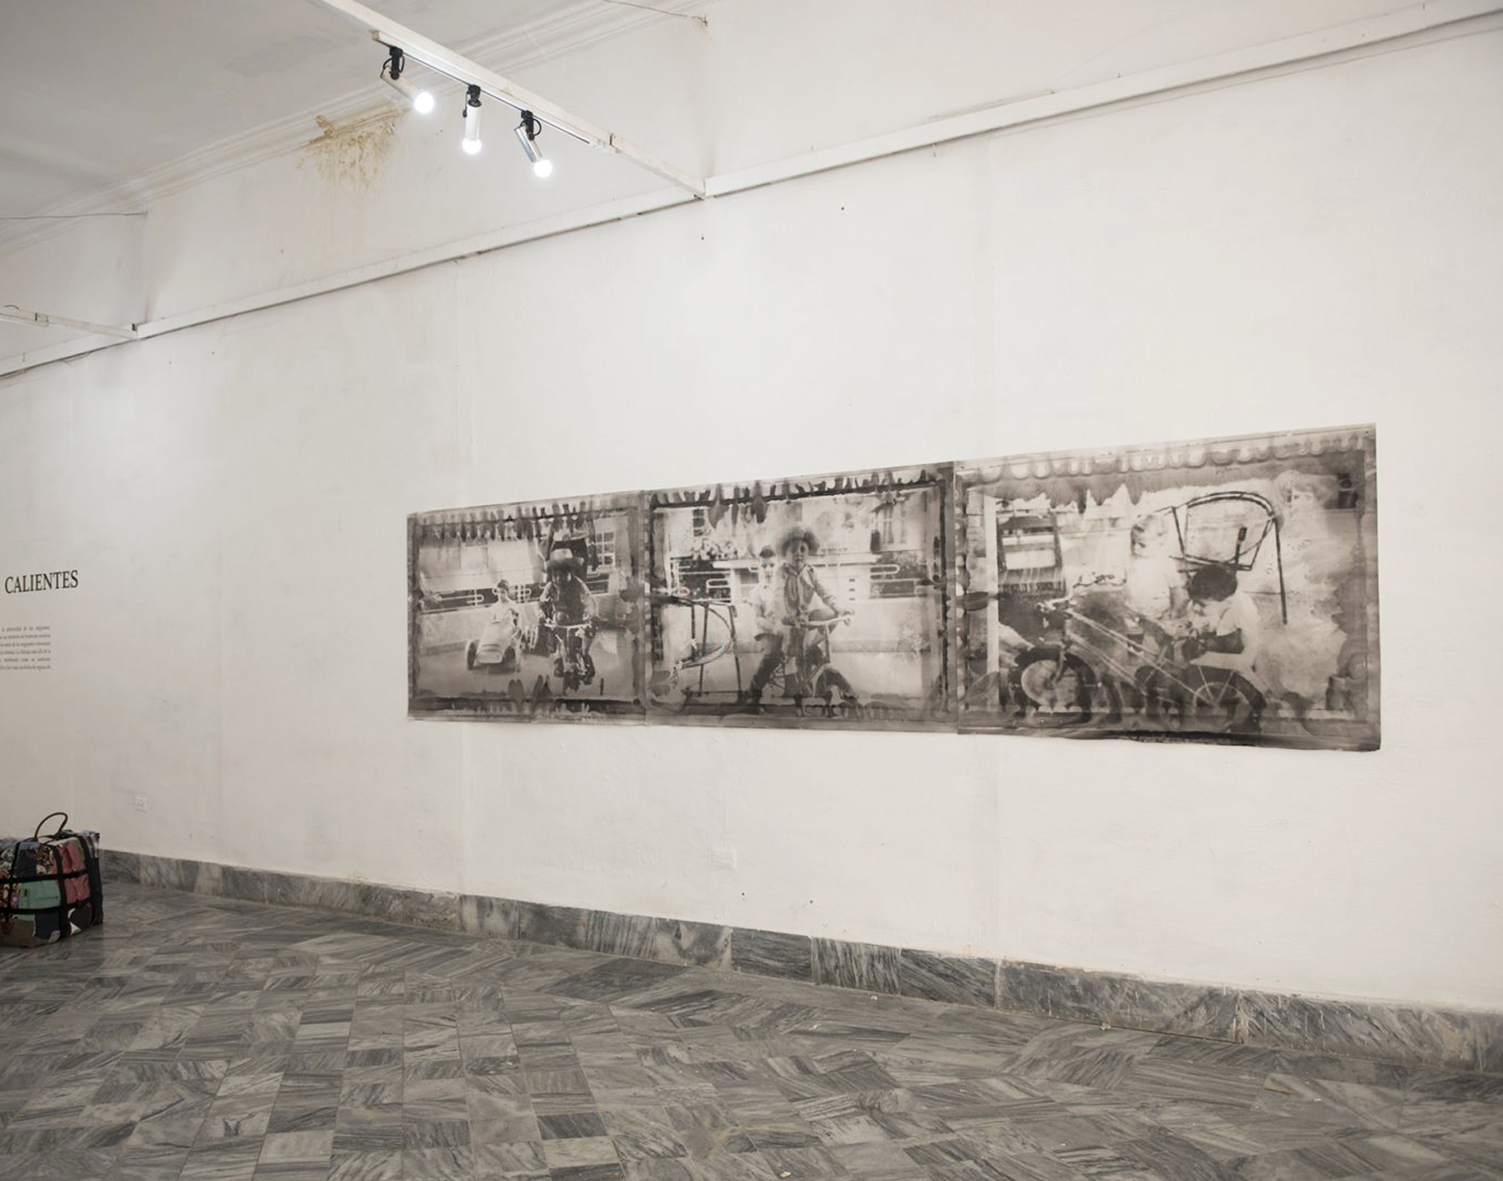 Exposición Fronteras calientes / 2019